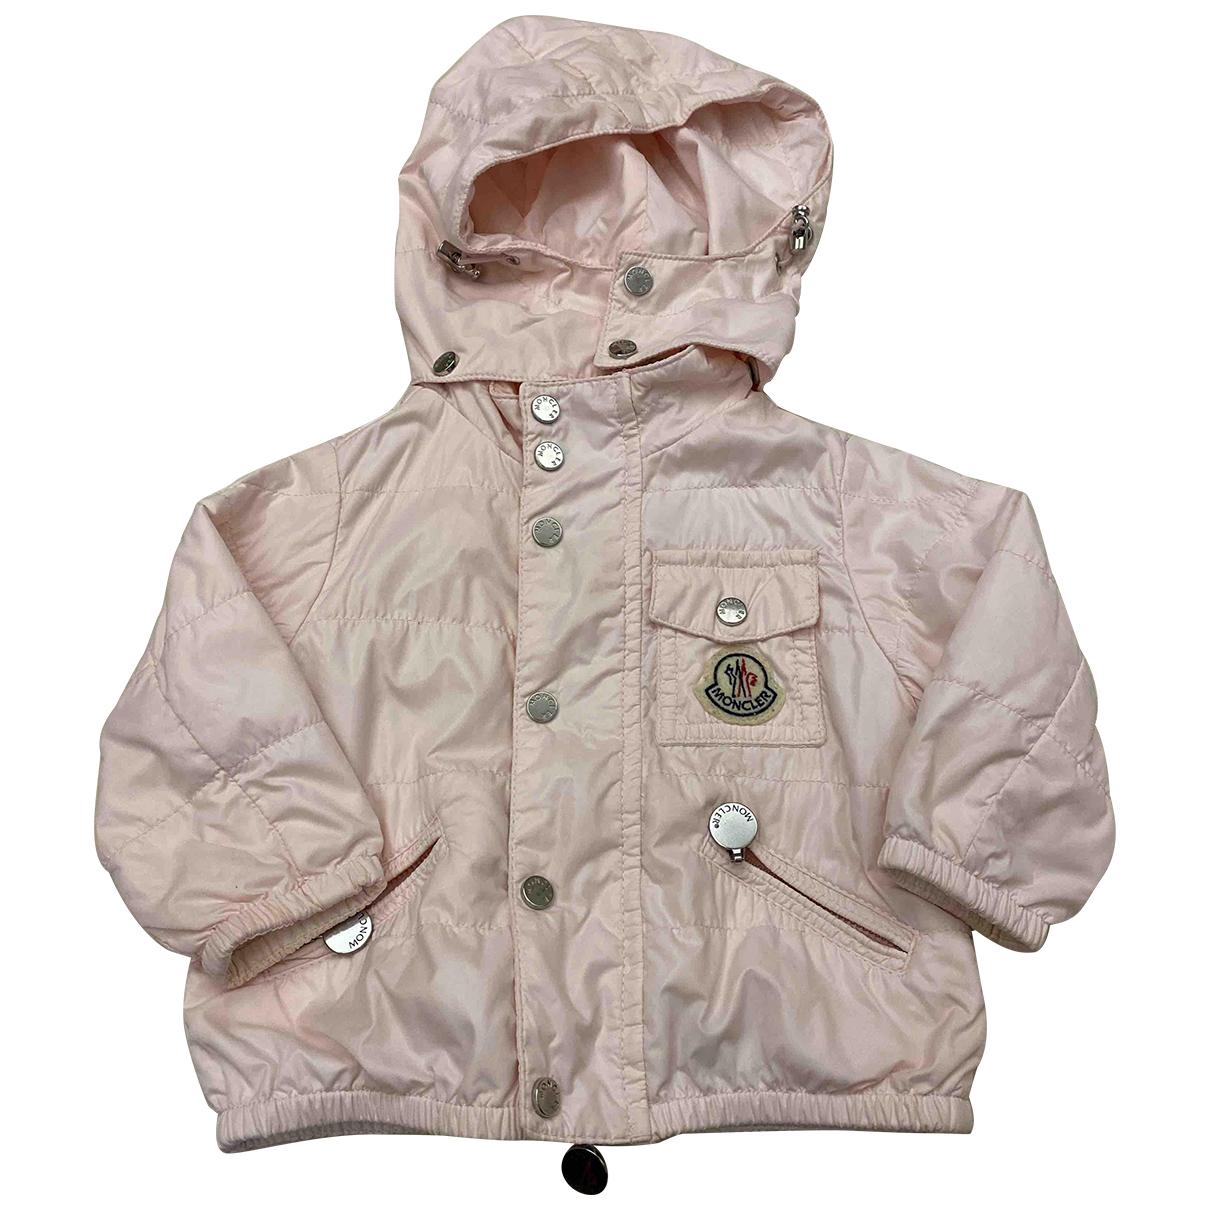 Moncler N Pink jacket & coat for Kids 9 months - up to 71cm FR